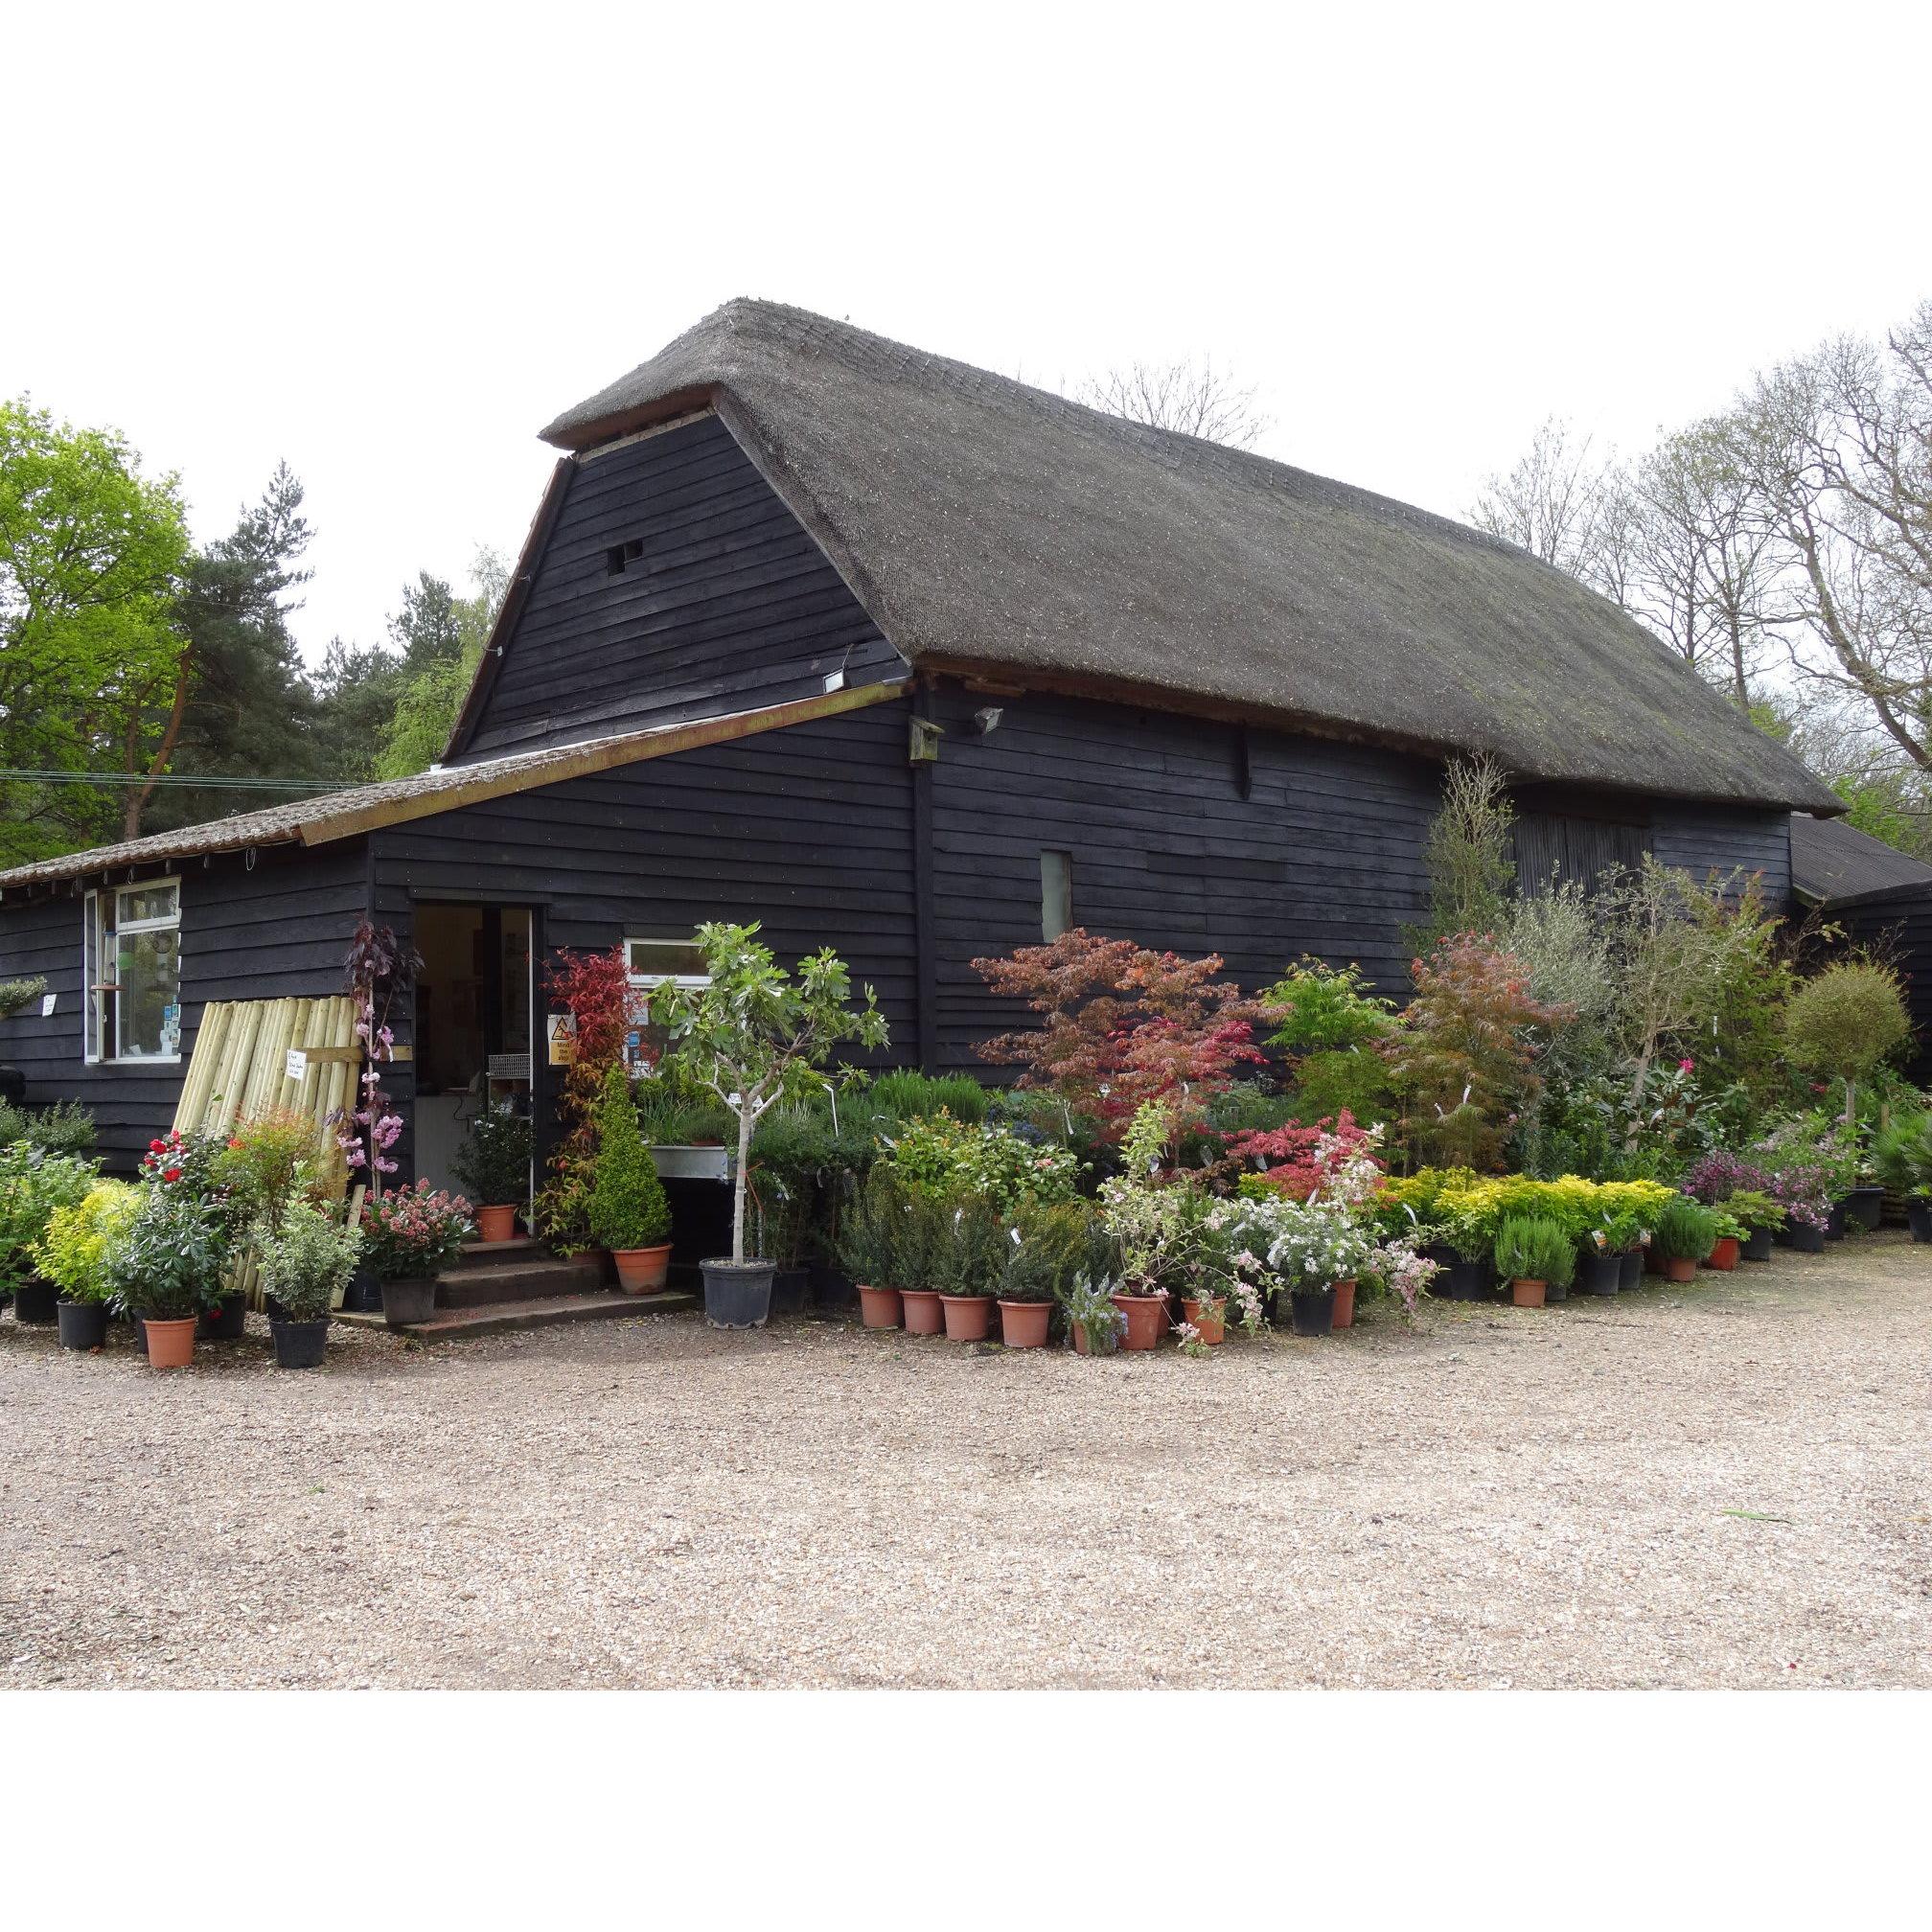 Arundel Arboretum Ltd - Arundel, West Sussex BN18 0AD - 01903 883251 | ShowMeLocal.com